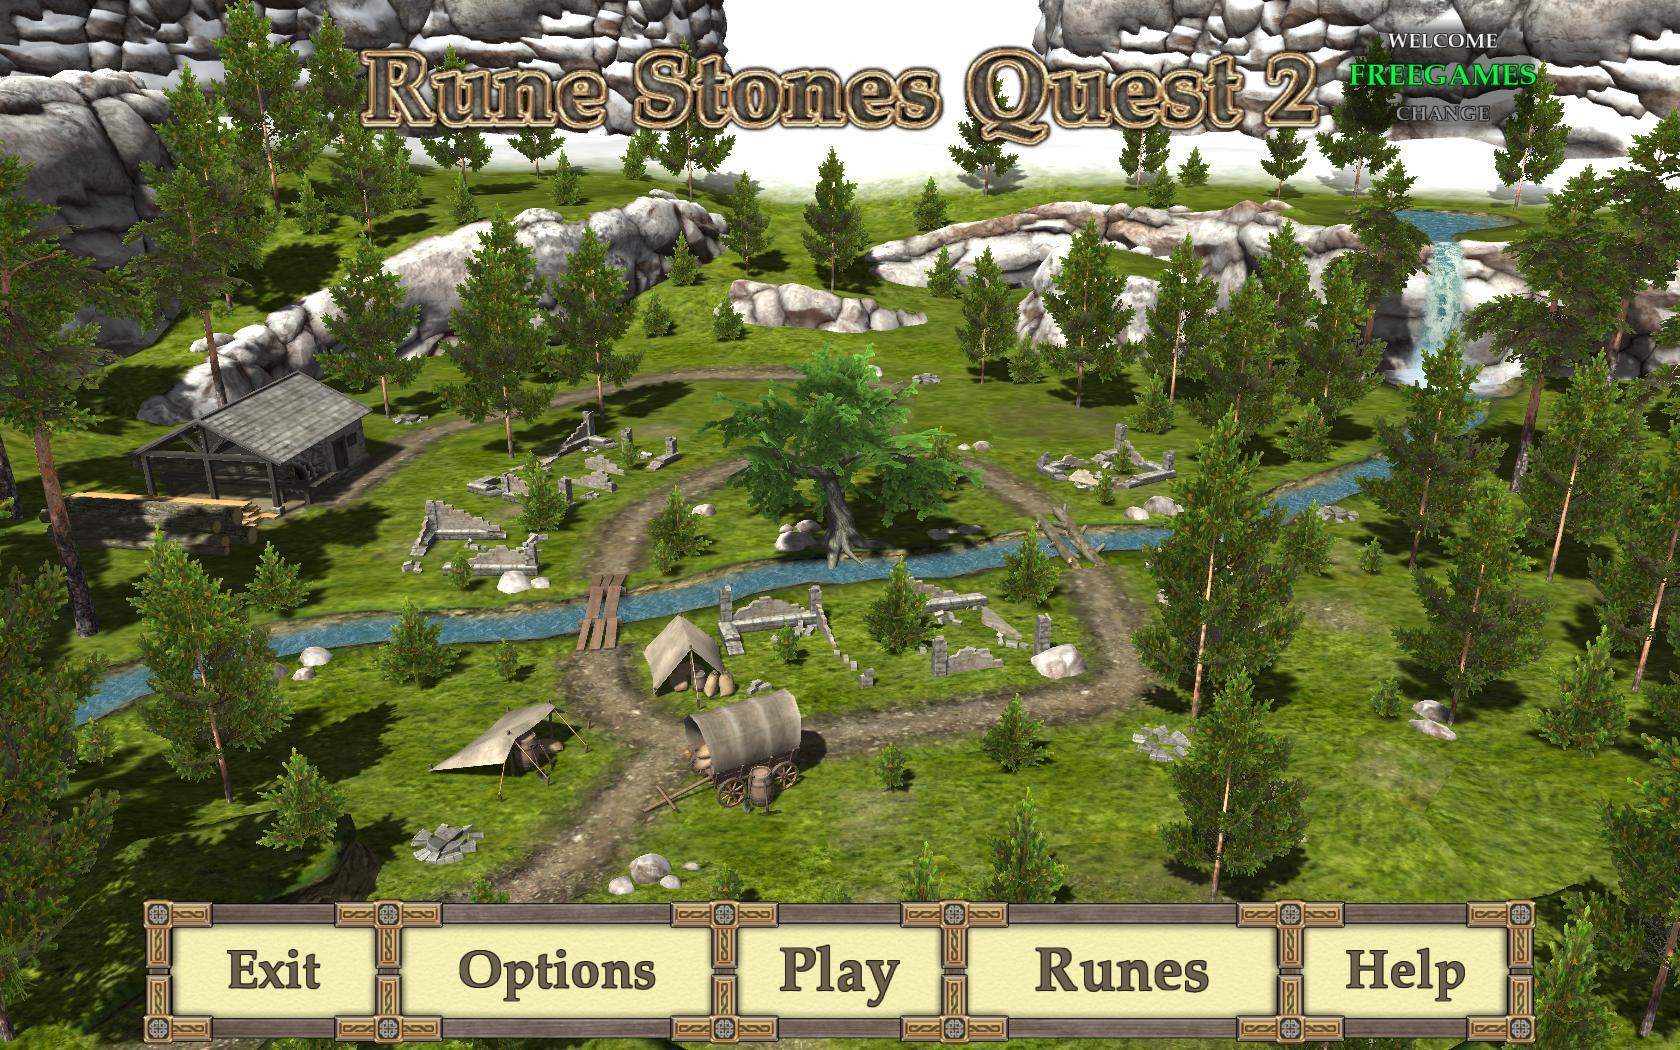 Rune Stones Quest 2 (En)